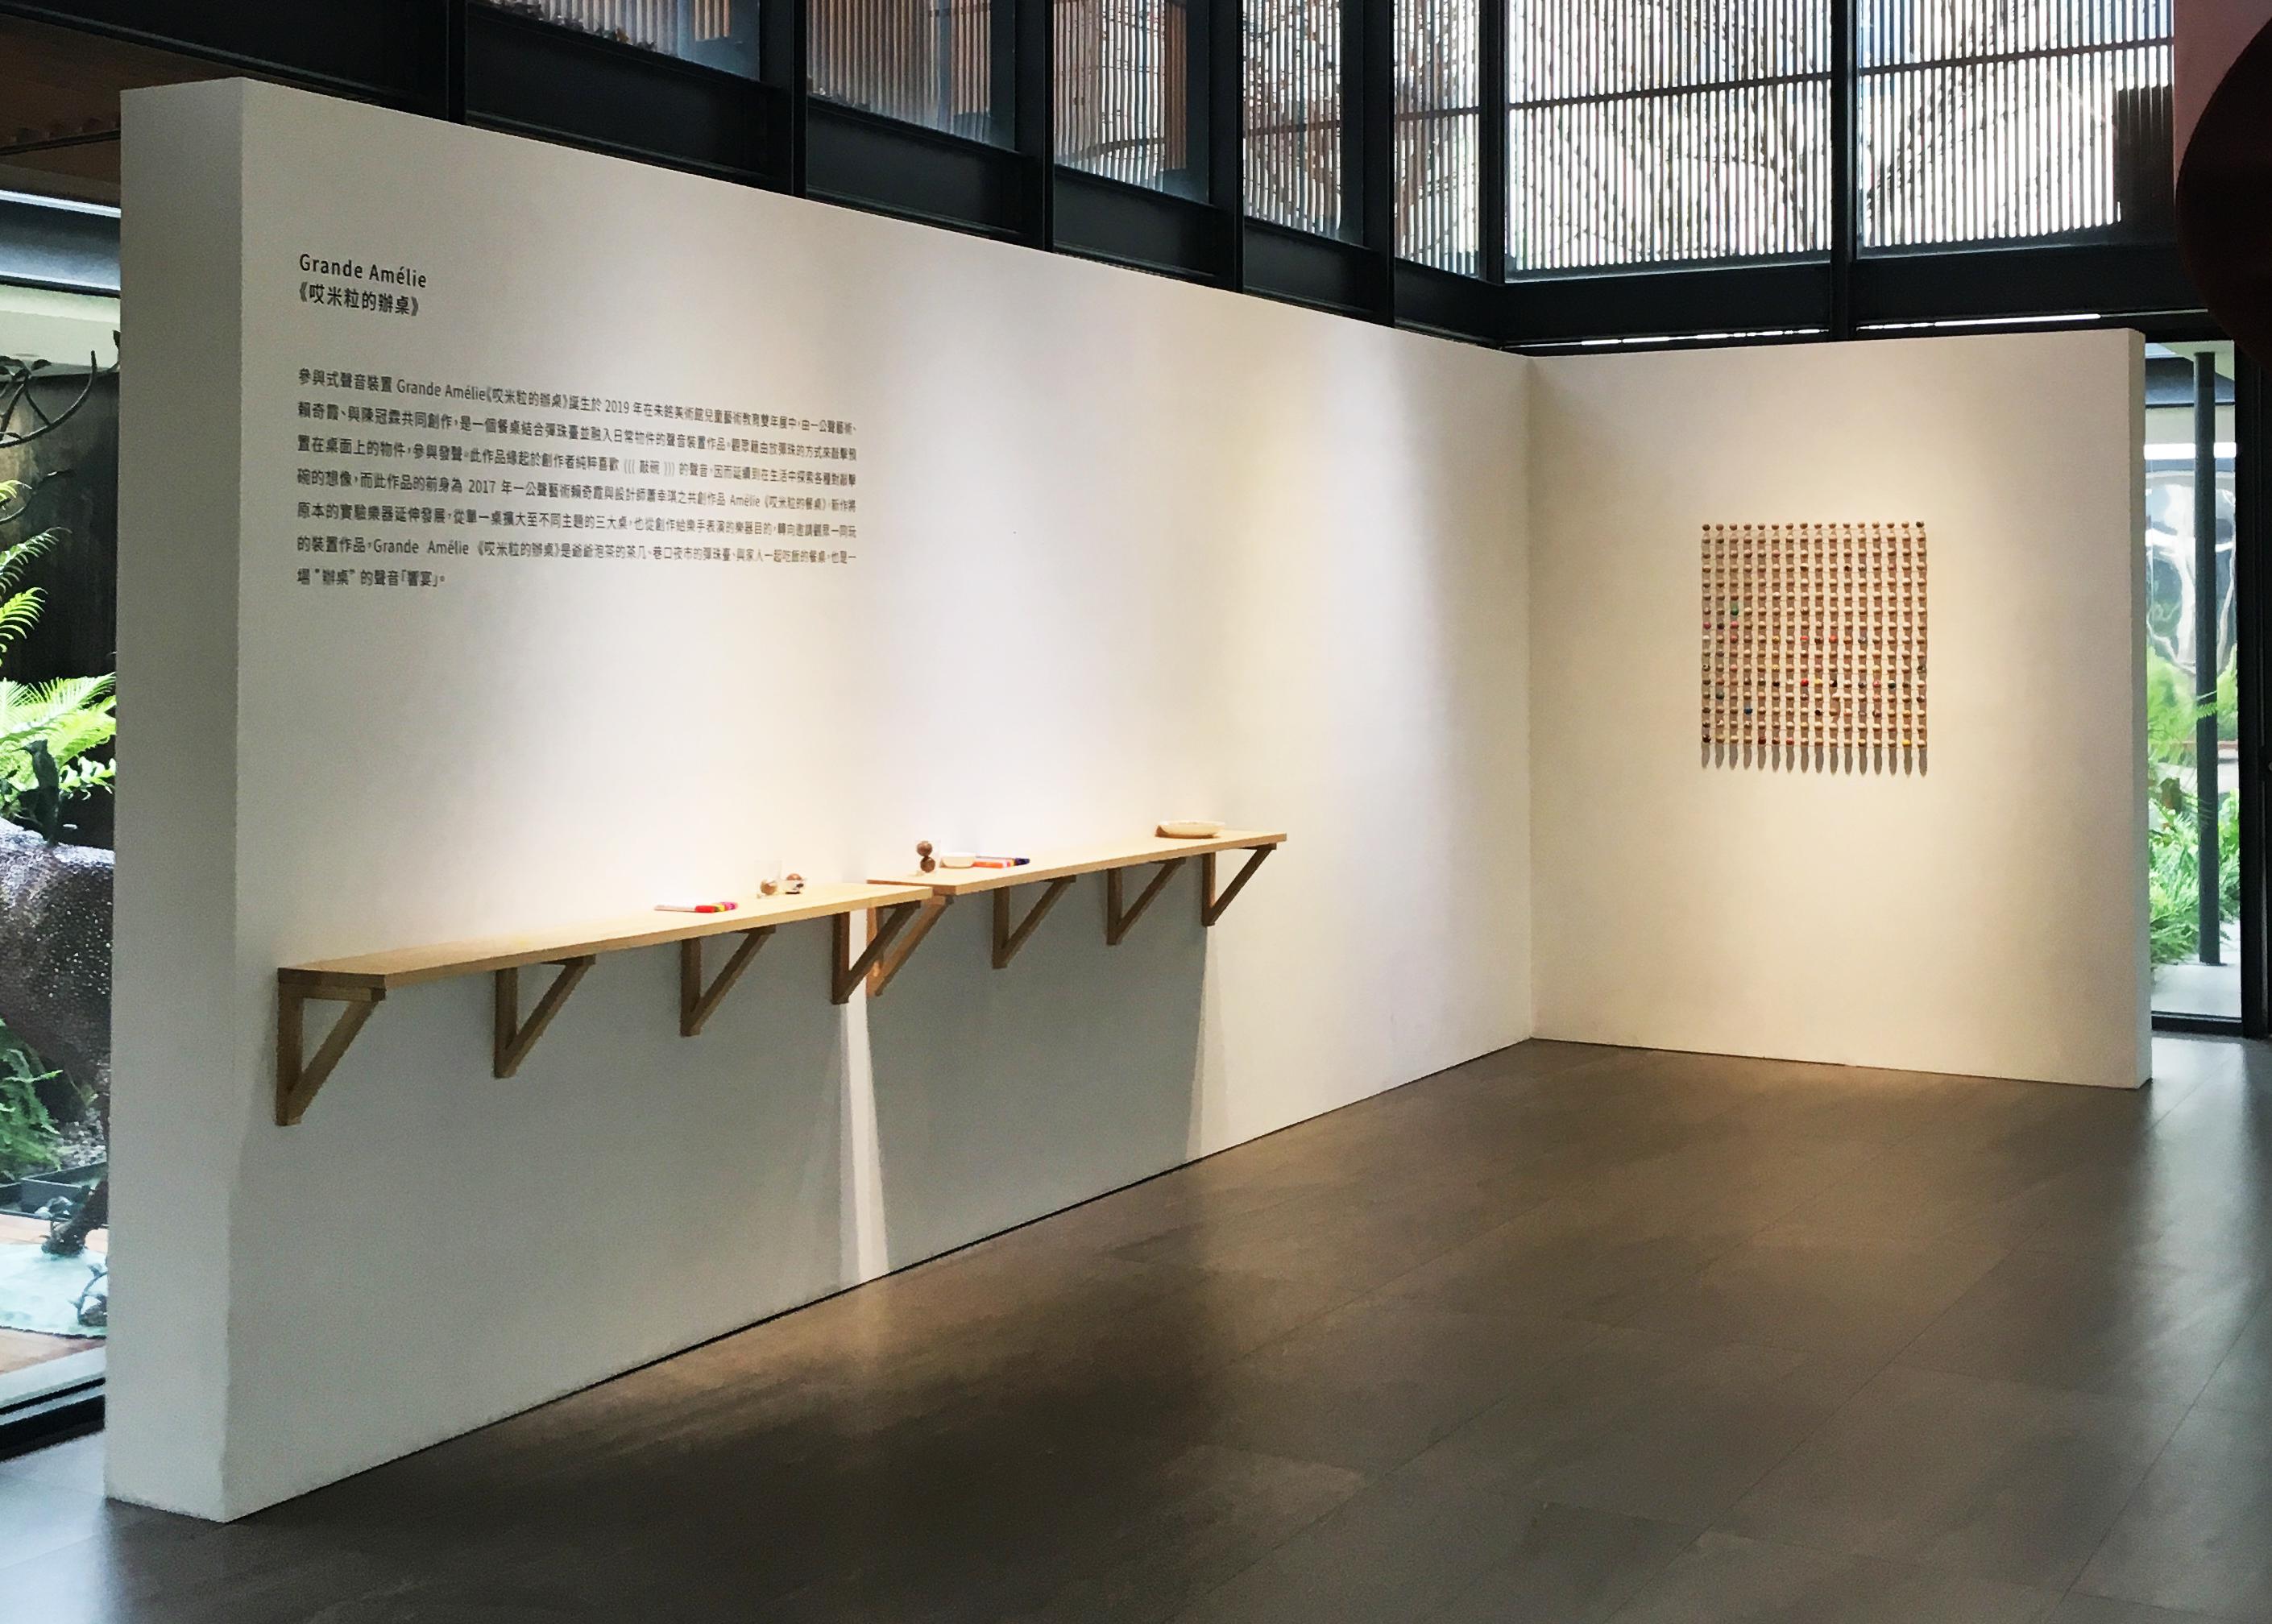 陸府生活美學教育基金會展出一公聲藝術的創作。